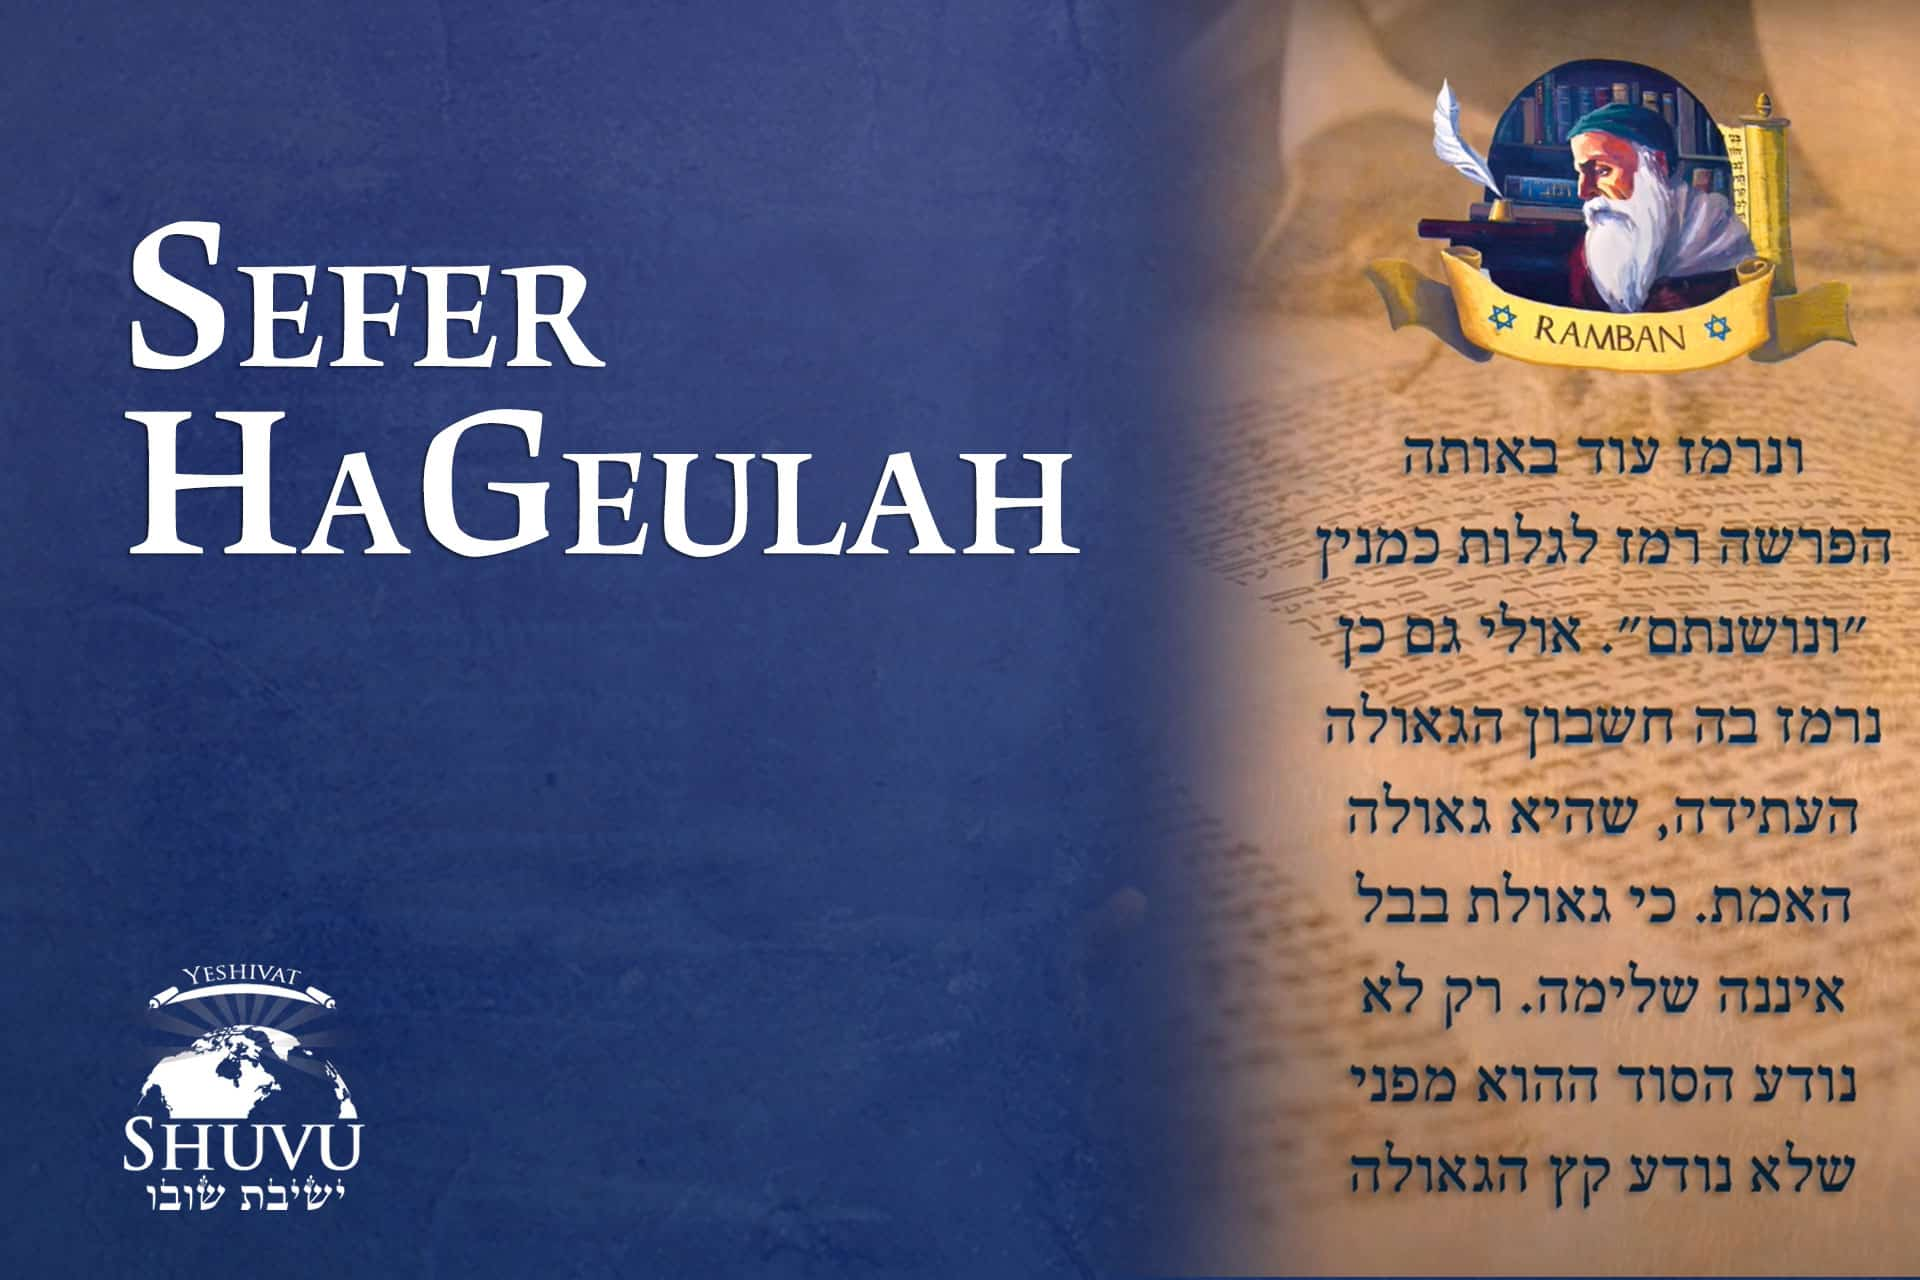 cover_yeshivat_shuvu_sefer_ha_geulah_ENG